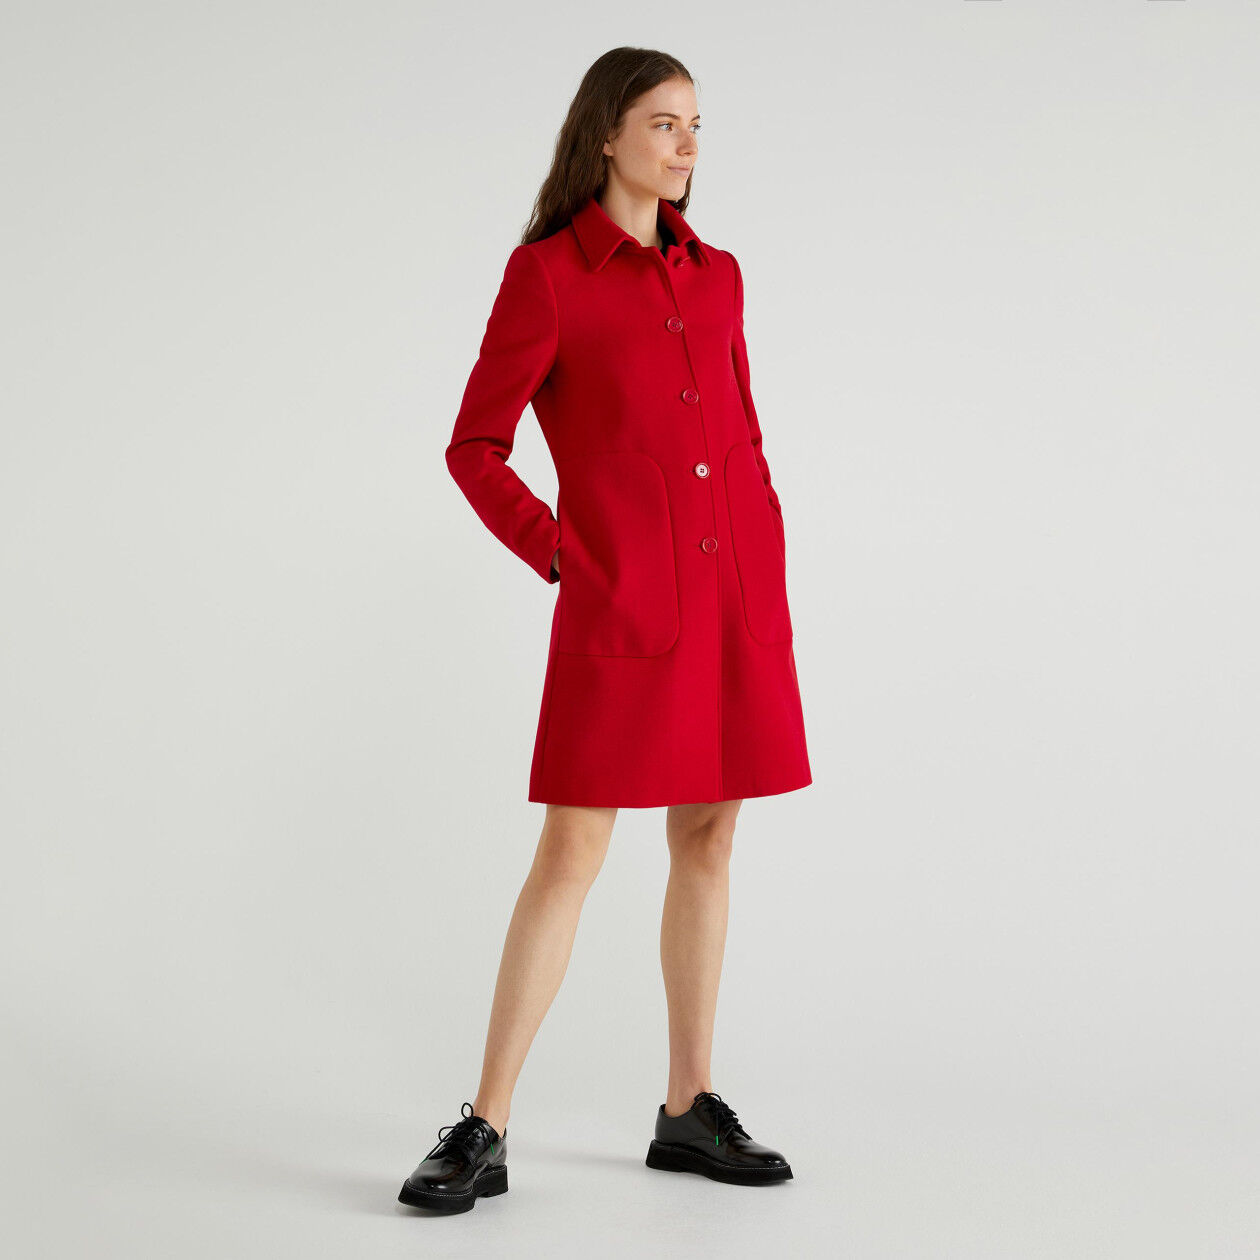 Mantel mit Kragen und Taschen